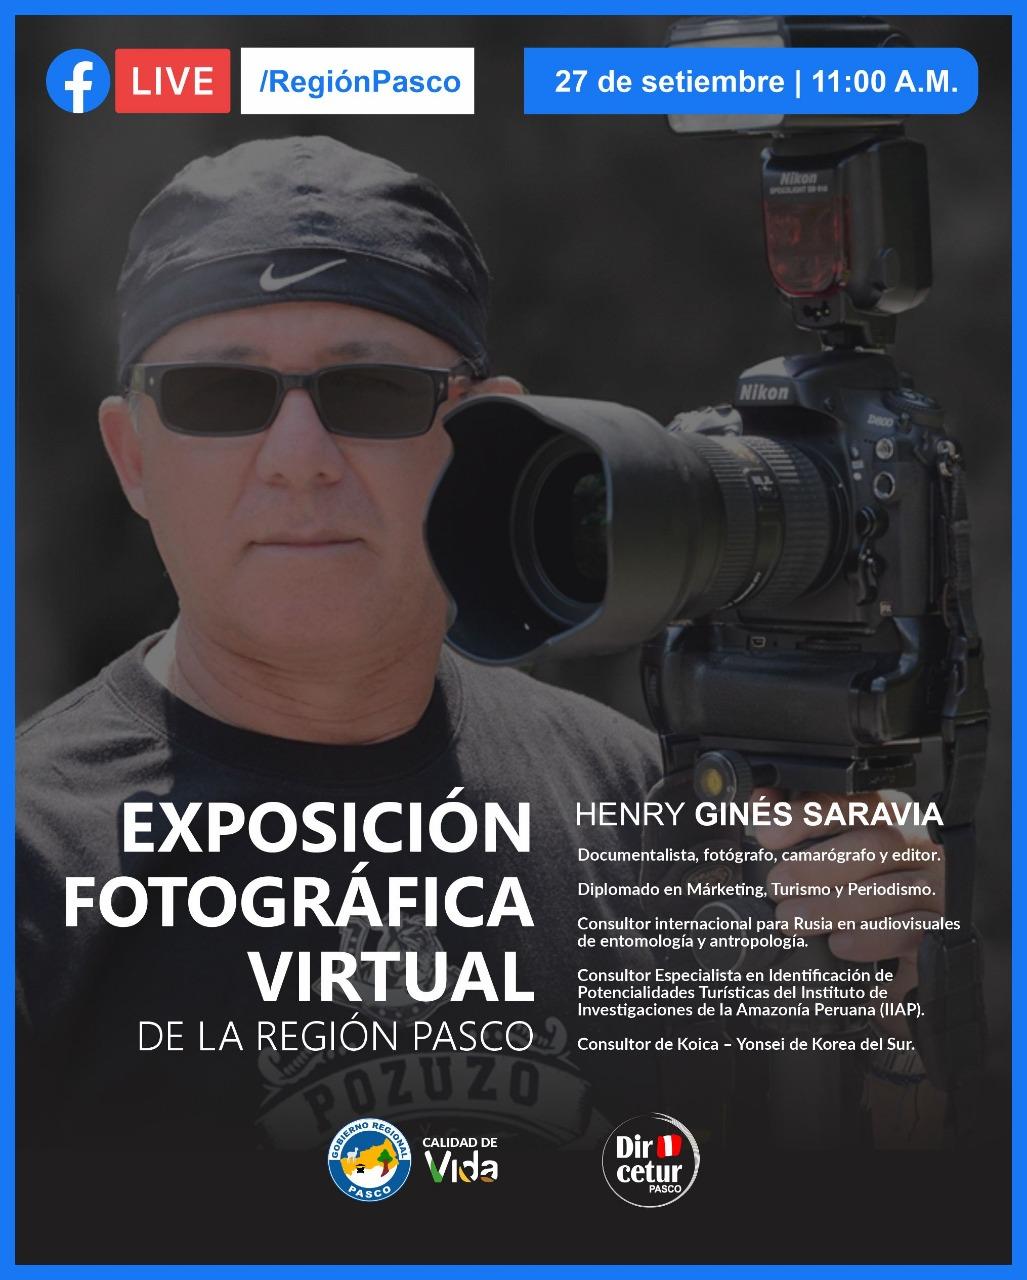 Exposición Fotográfica Virtual de la Región Pasco